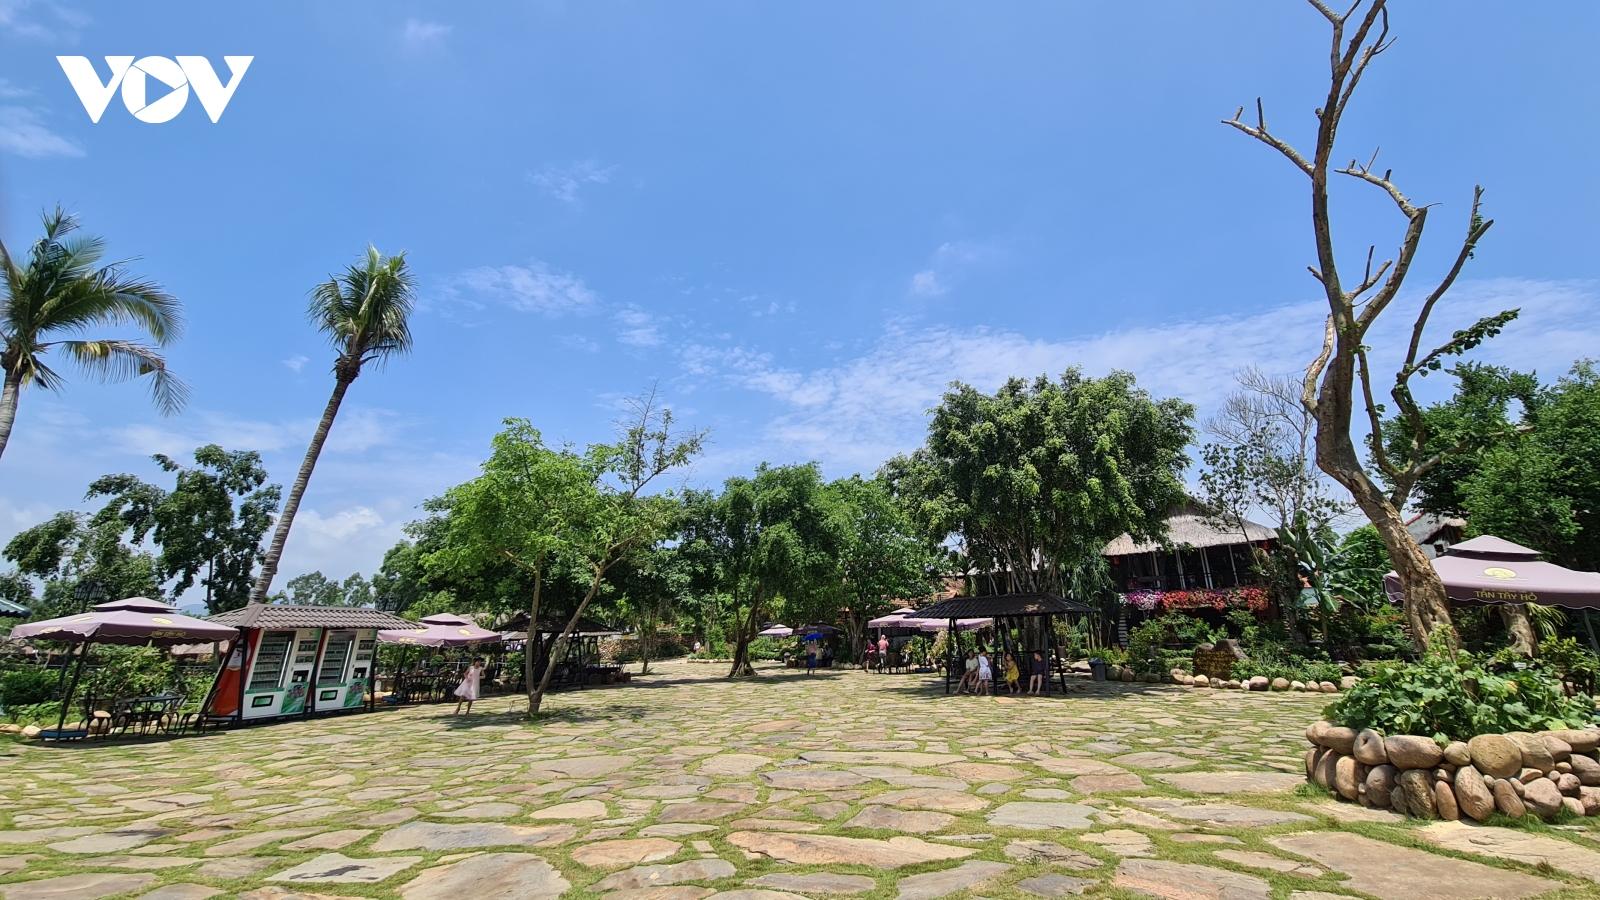 Quảng Bình tạm dừng các hoạt động tham quan, du lịch tại một số điểm đến